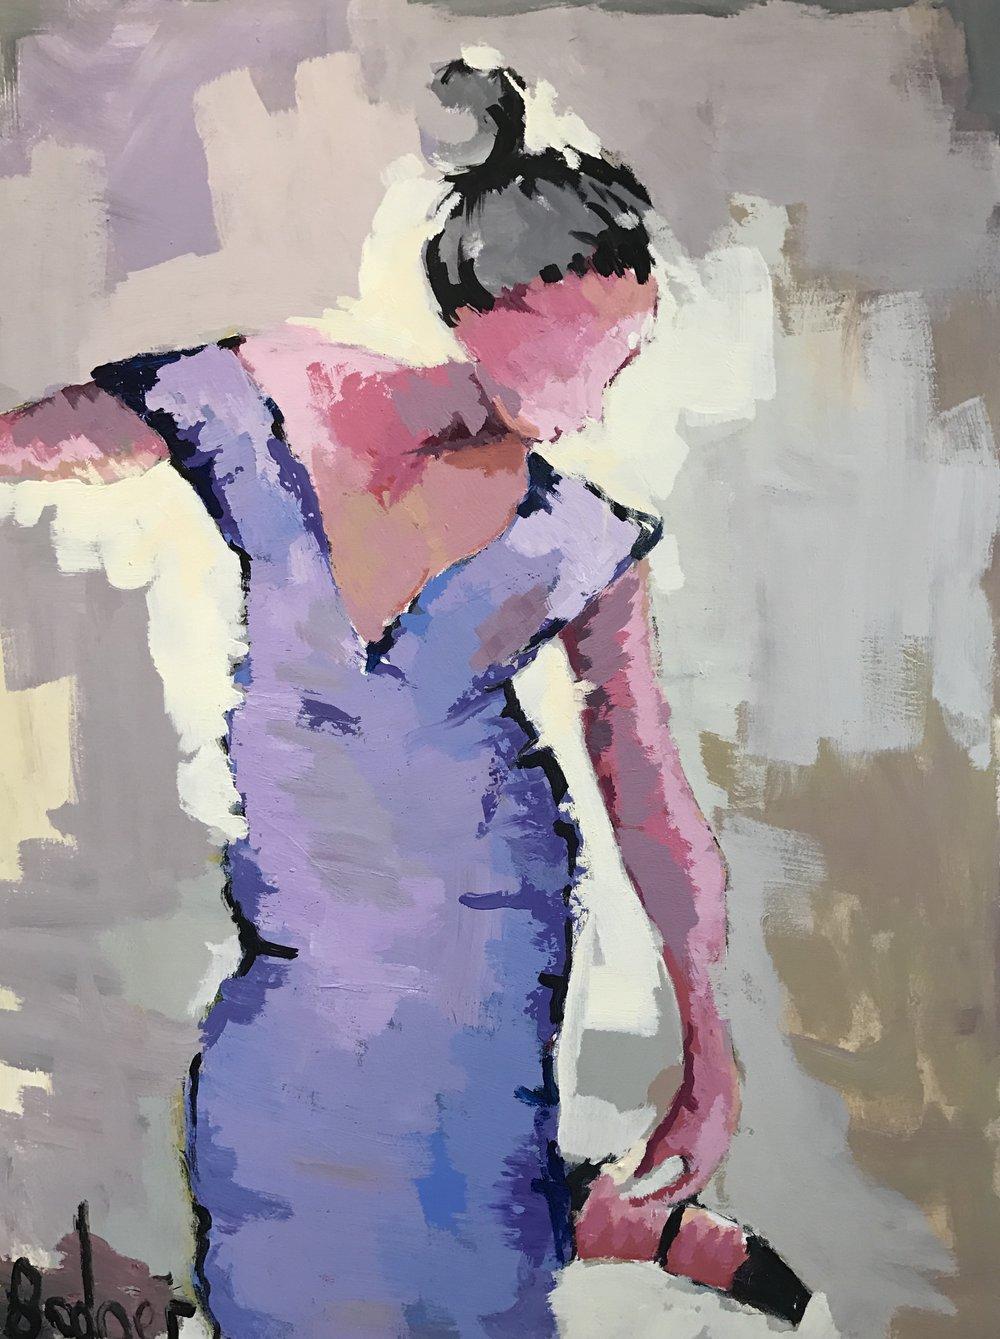 Lavender 48x36 acrylic/oil on canvas